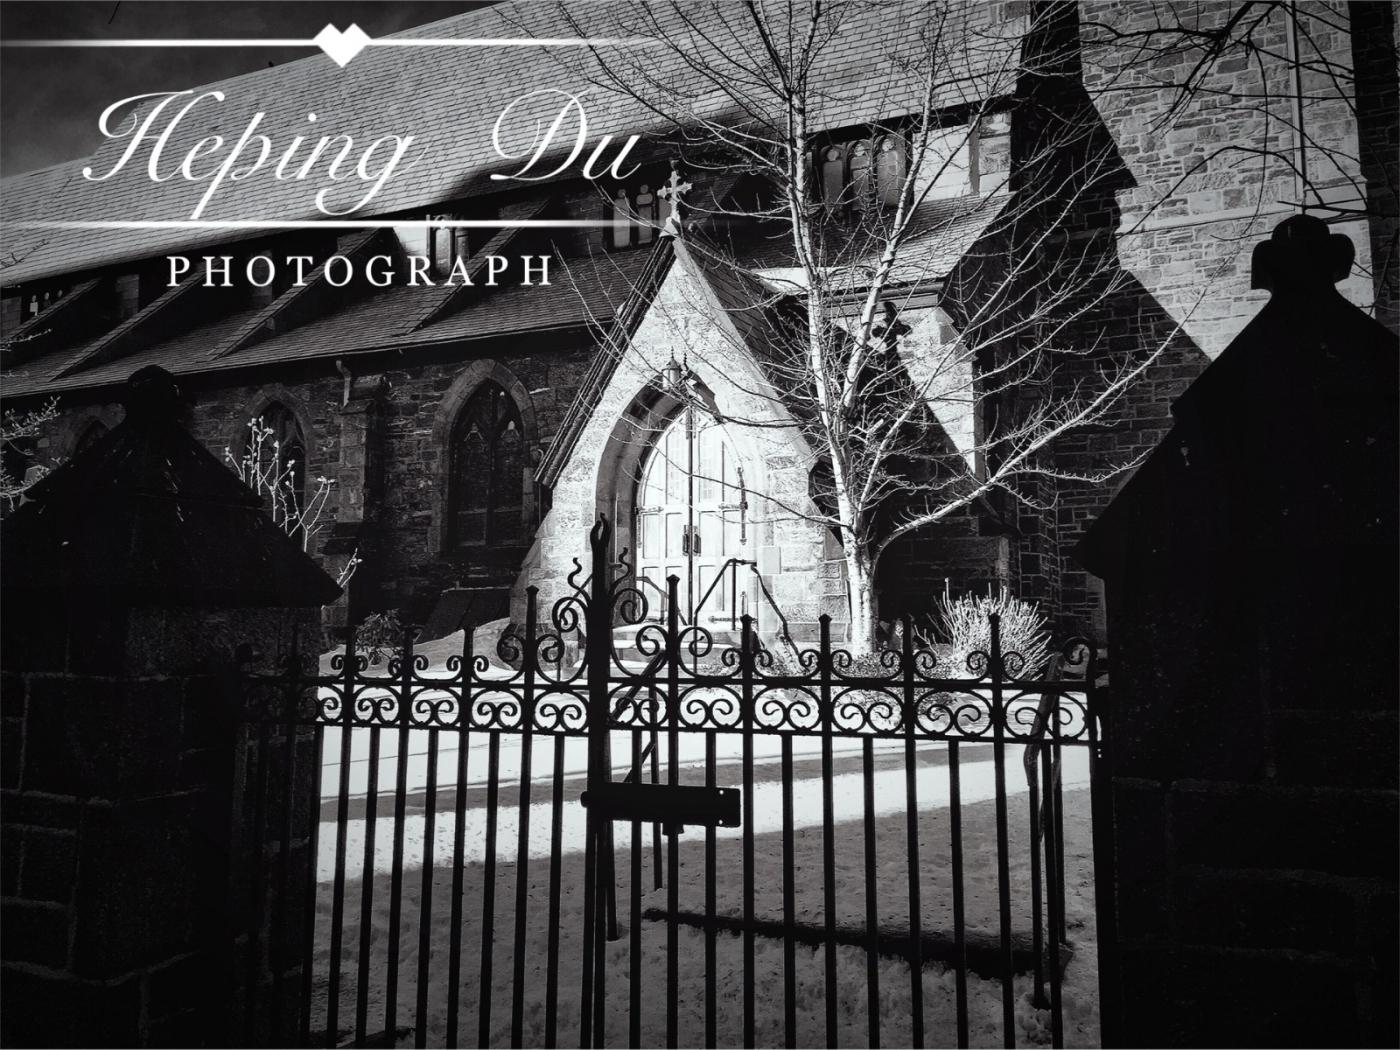 【盲流摄影】2018年1月手机摄影_图1-43